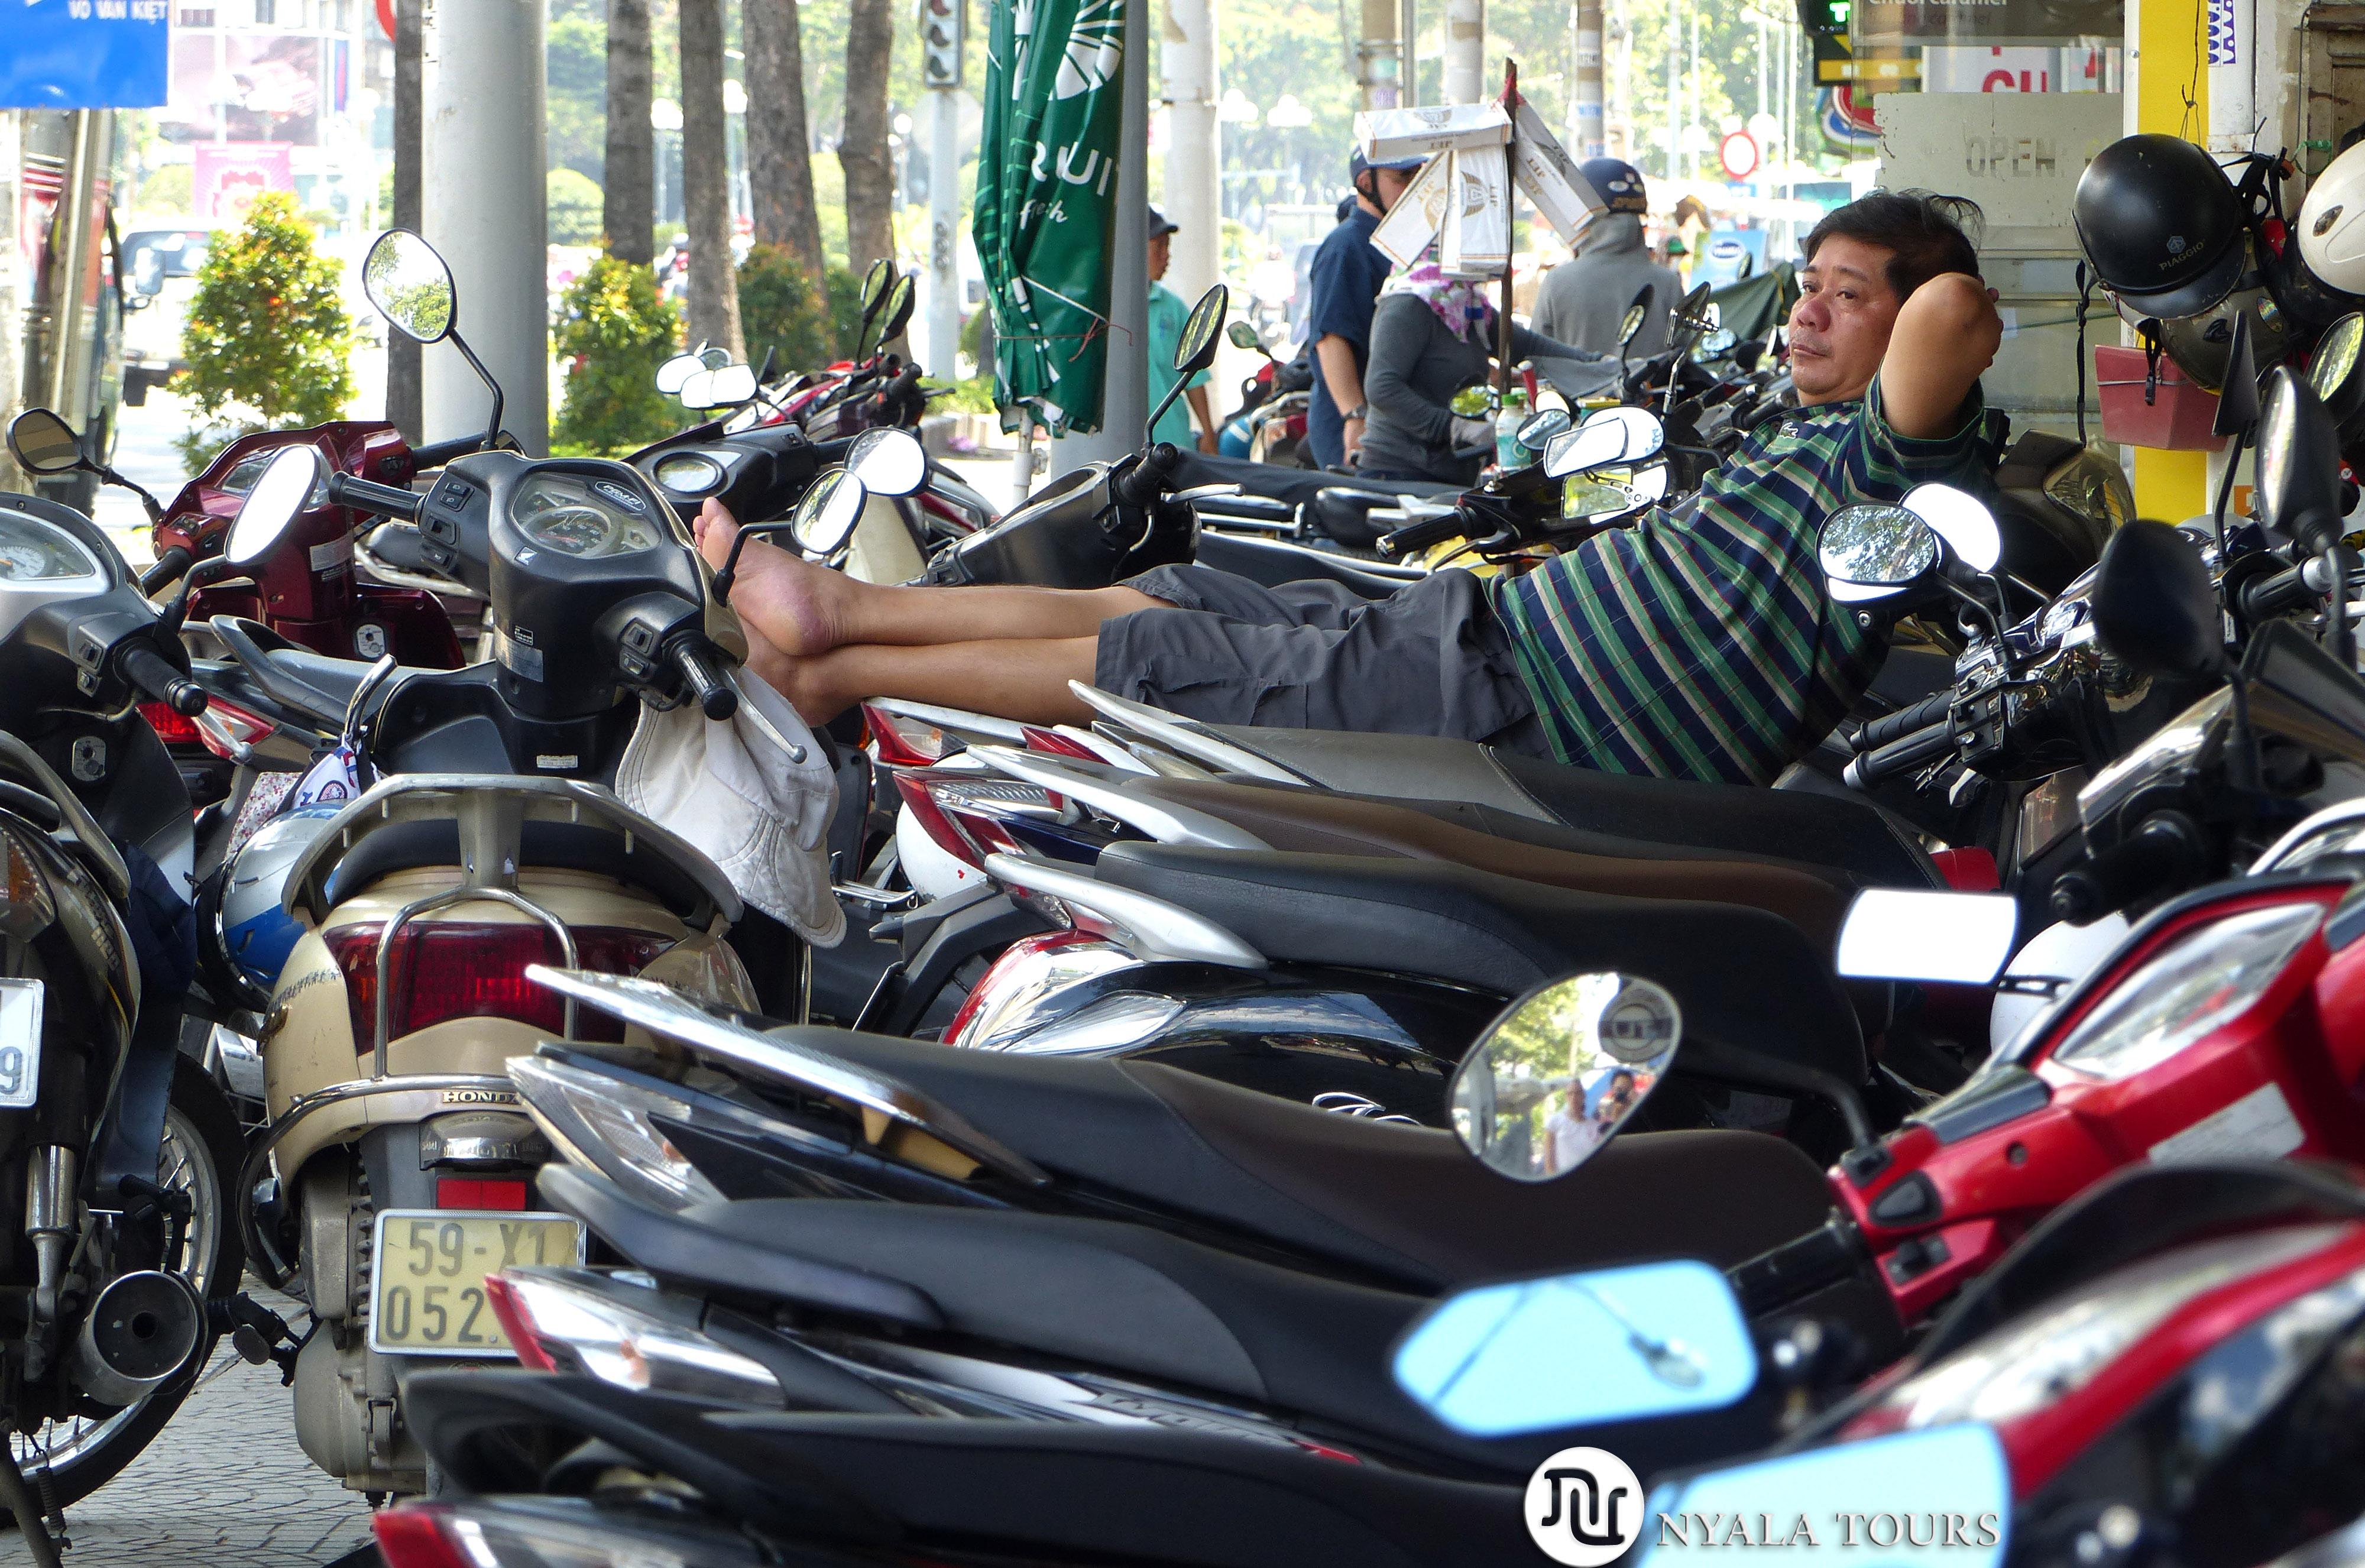 Siesta on bike, Ho Chi Minh, Vietnam